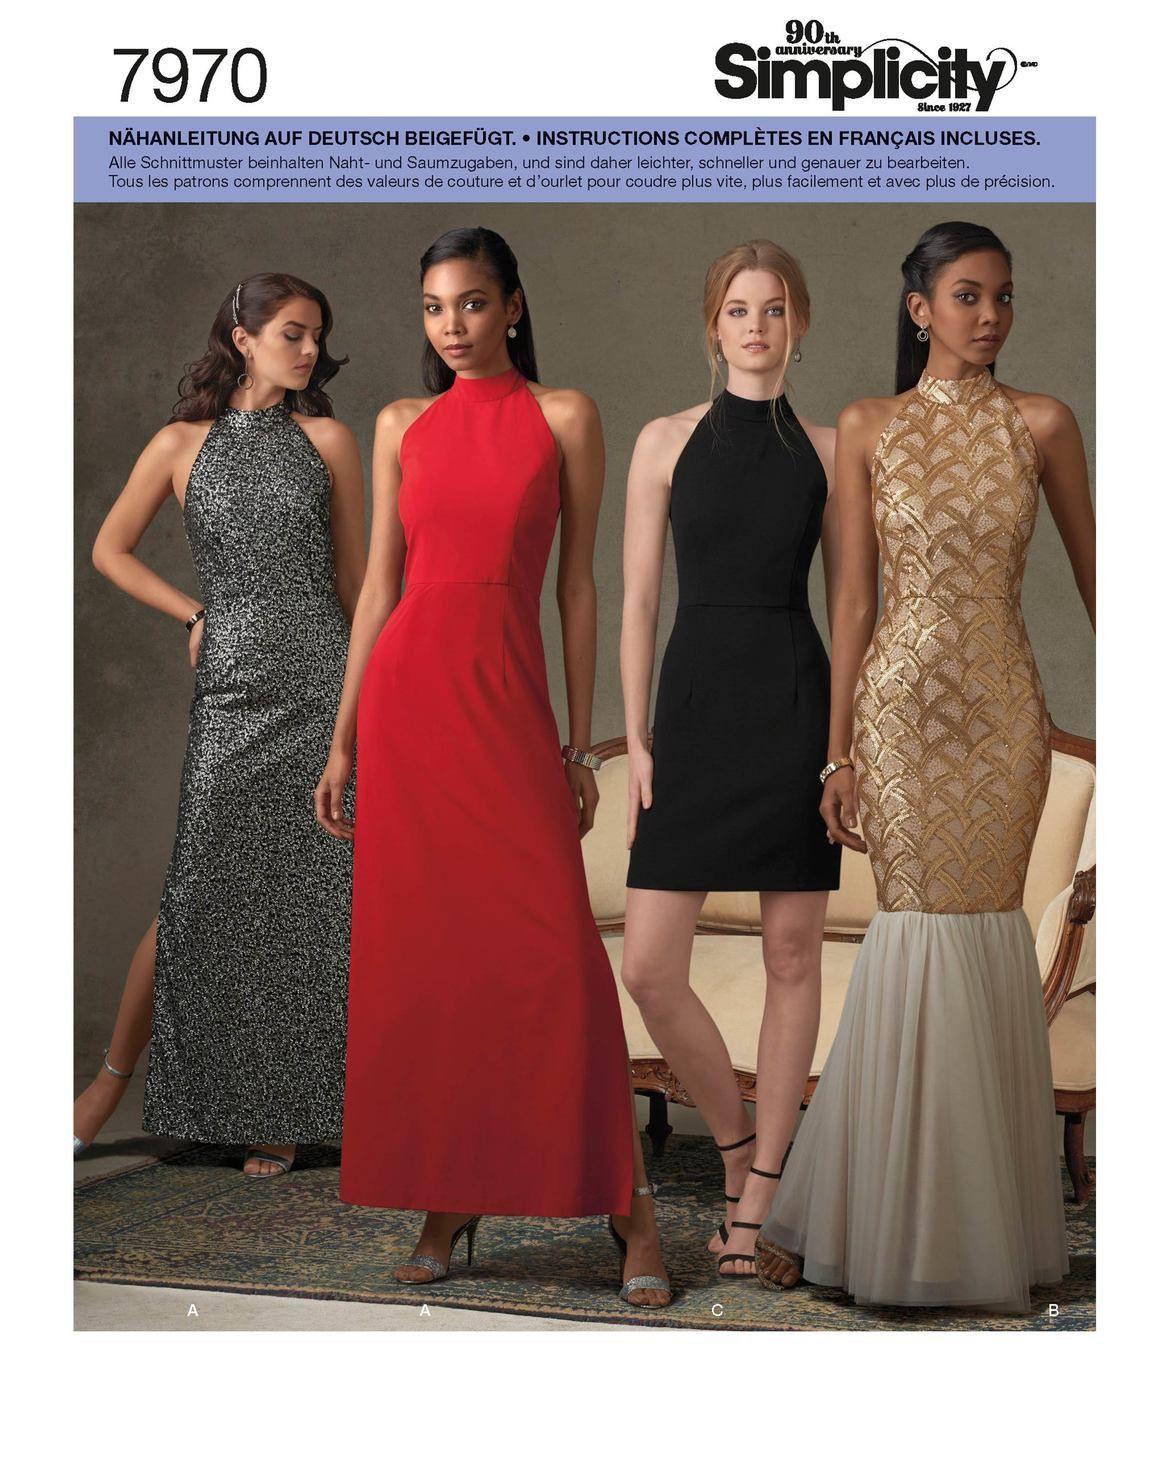 20 Einzigartig Festliche Kleider In A Form Vertrieb17 Genial Festliche Kleider In A Form Stylish